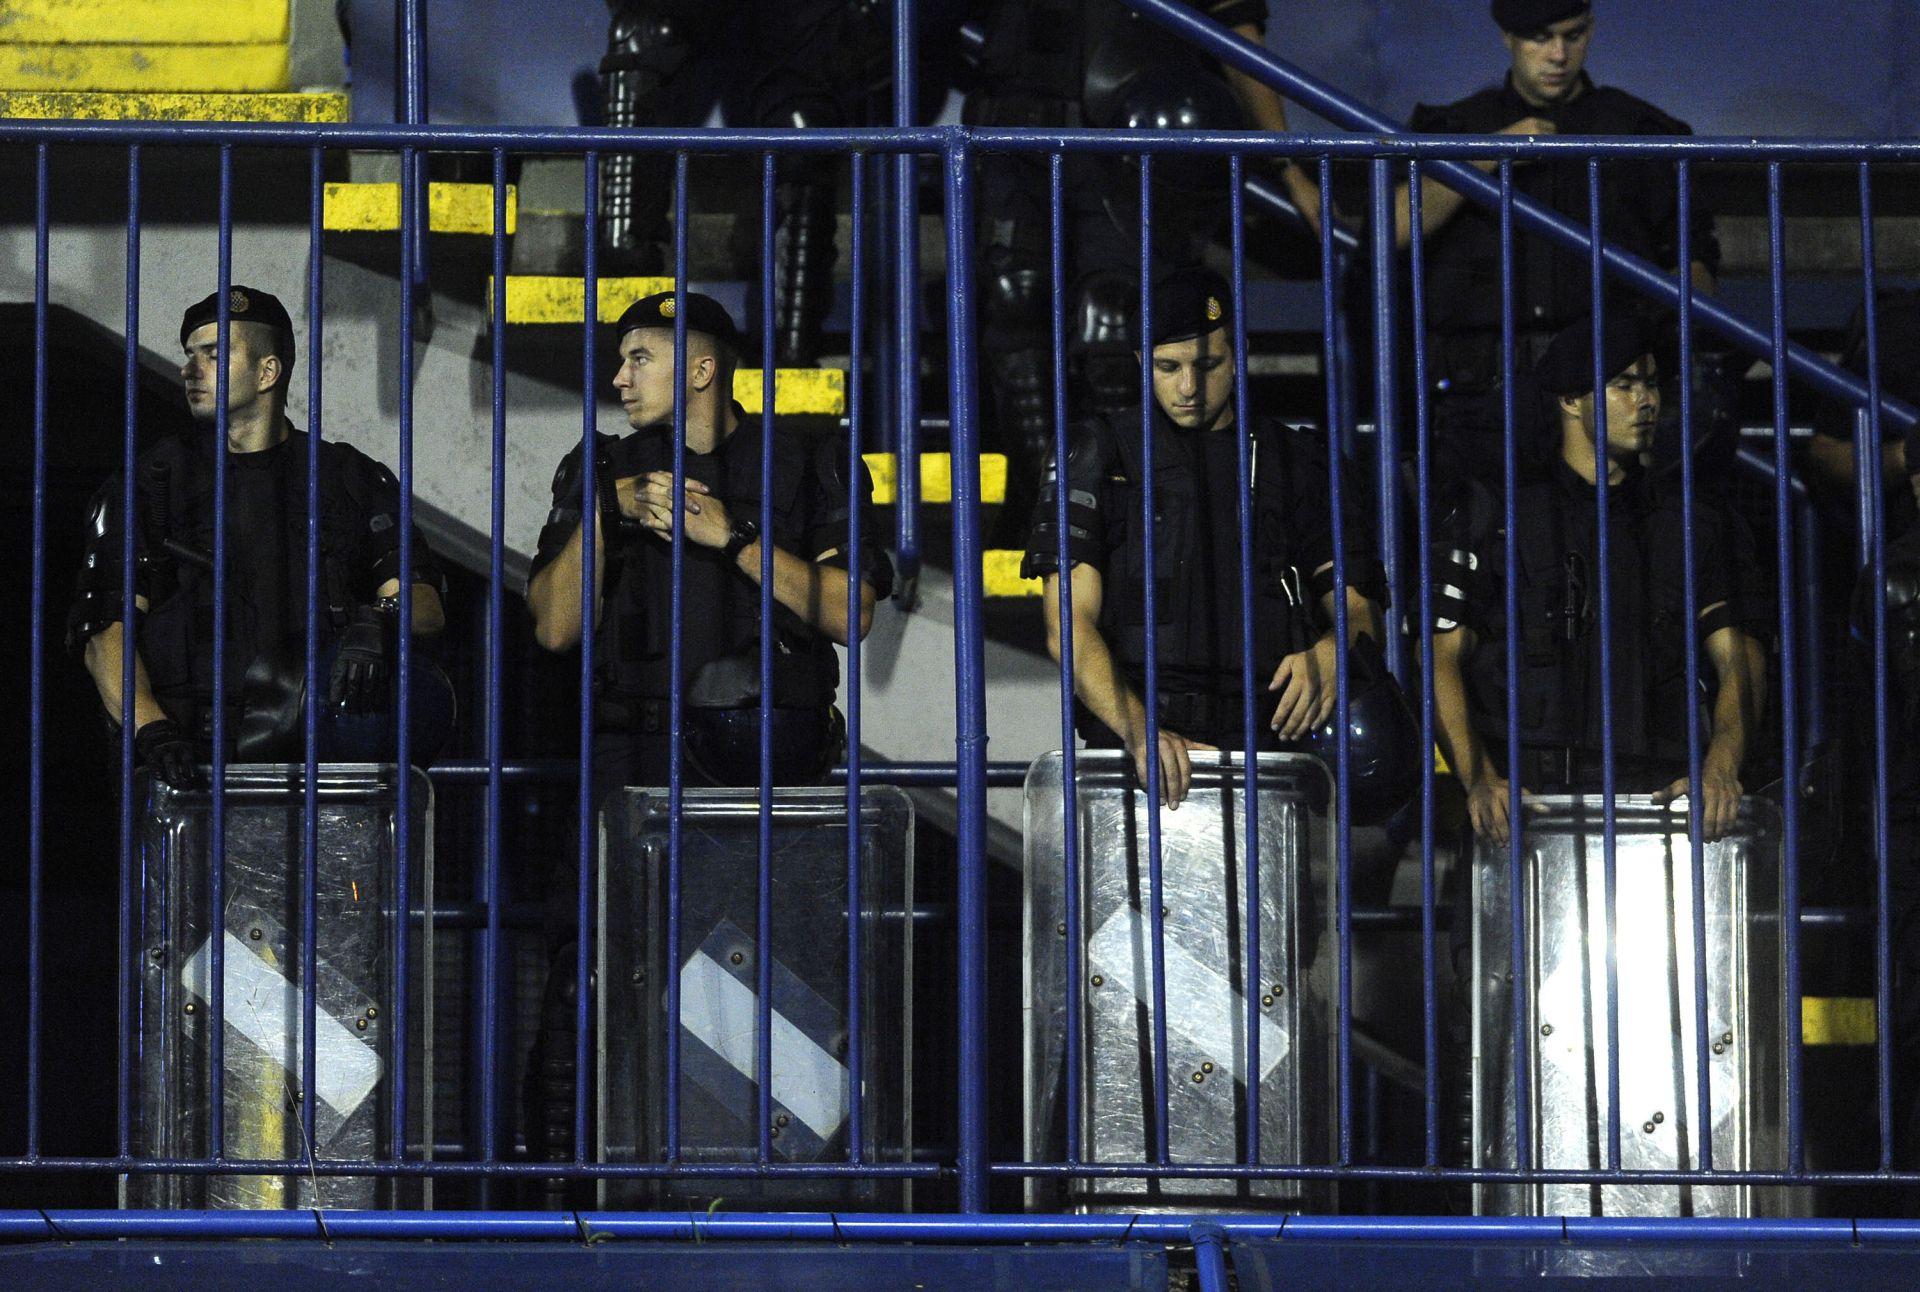 MOGUĆI IZGREDI: Policijske mjere sigurnosti uoči utakmice Hrvatska – Ukrajina